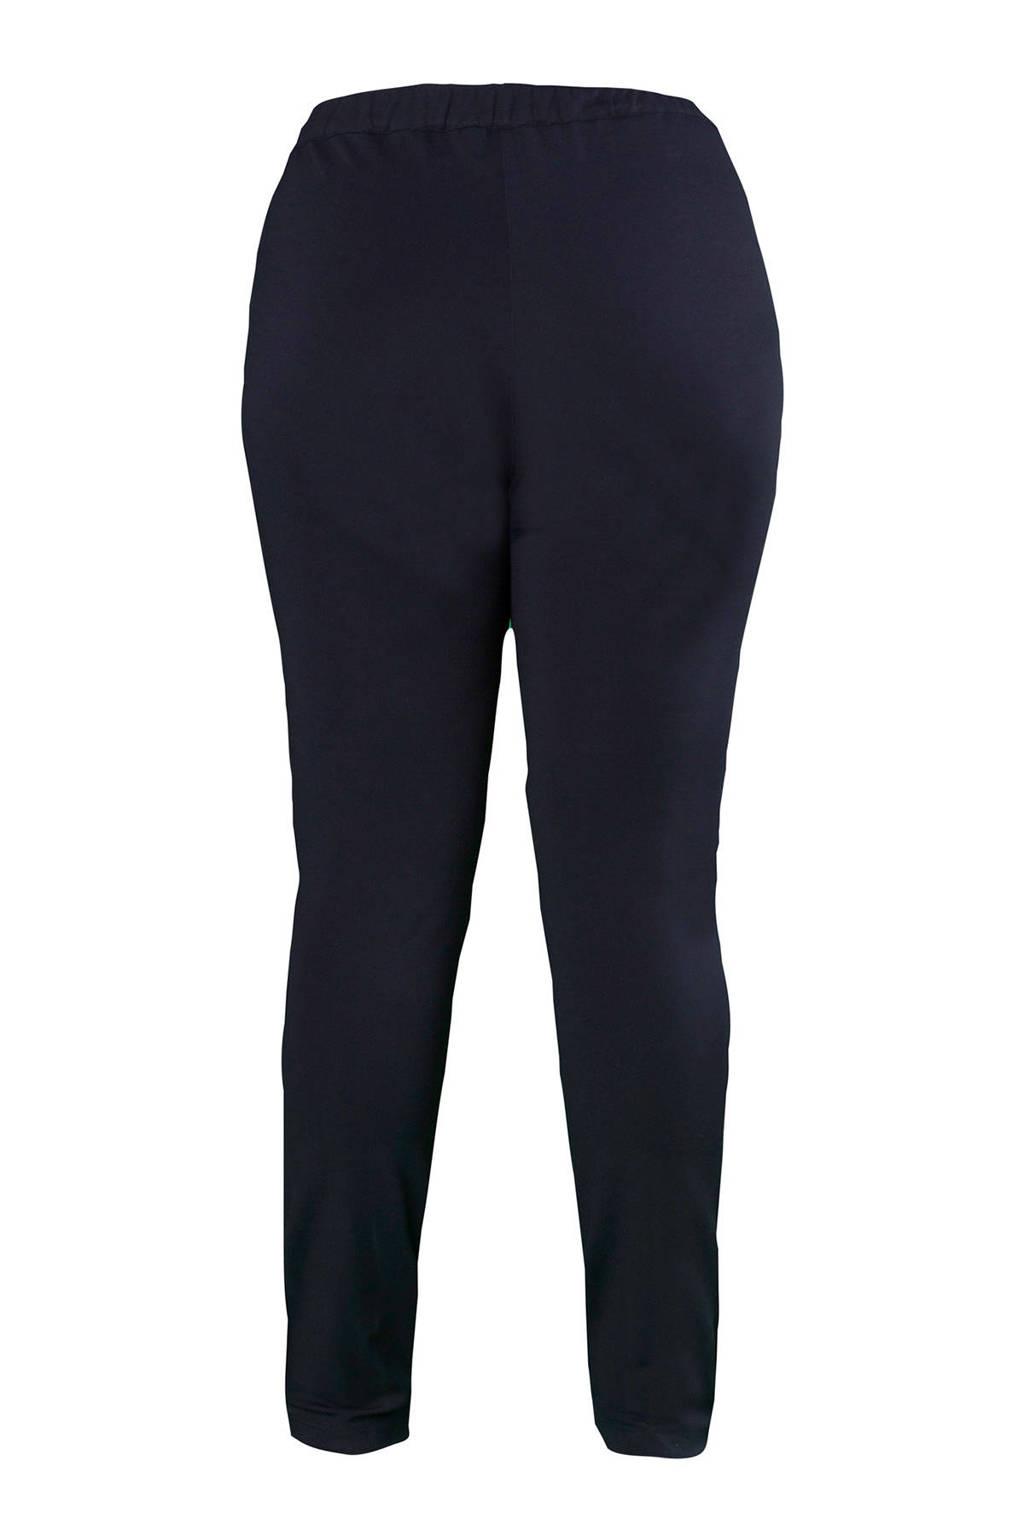 Ulla Popken broek donkerblauw, Donkerblauw